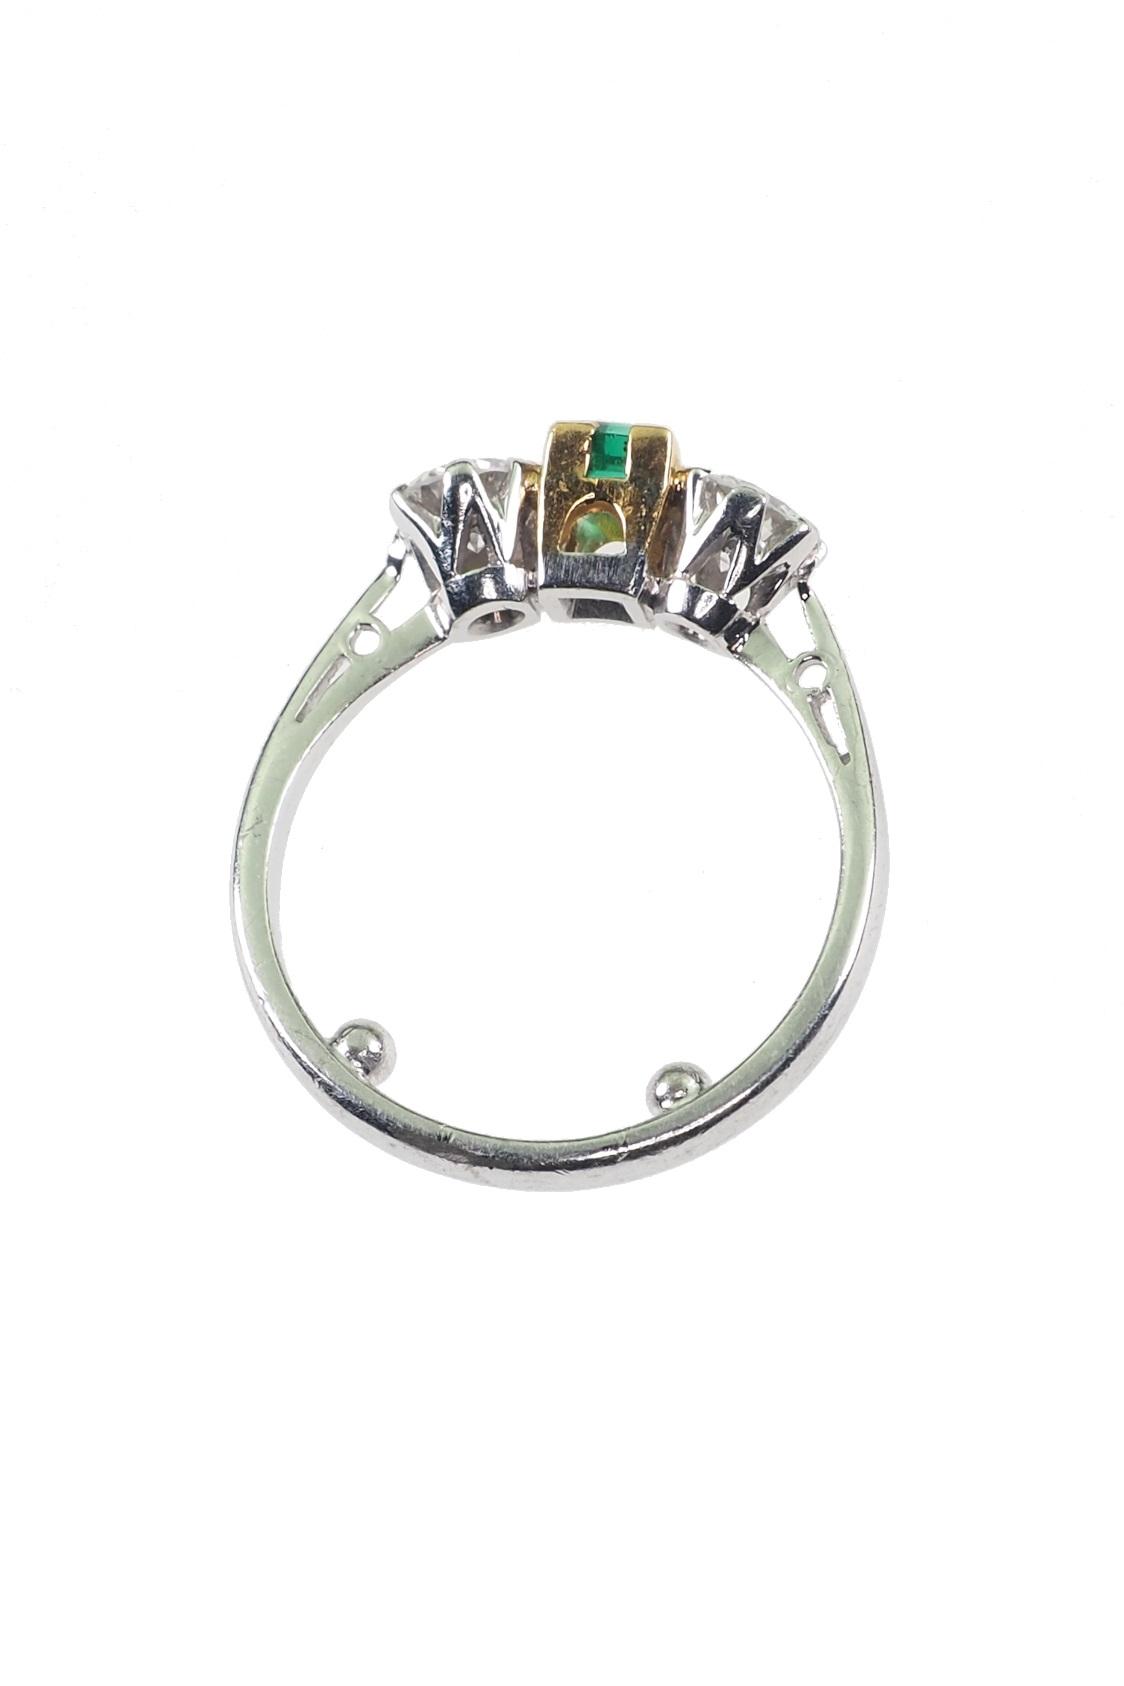 Smaragdringe-online-kaufen-0756c